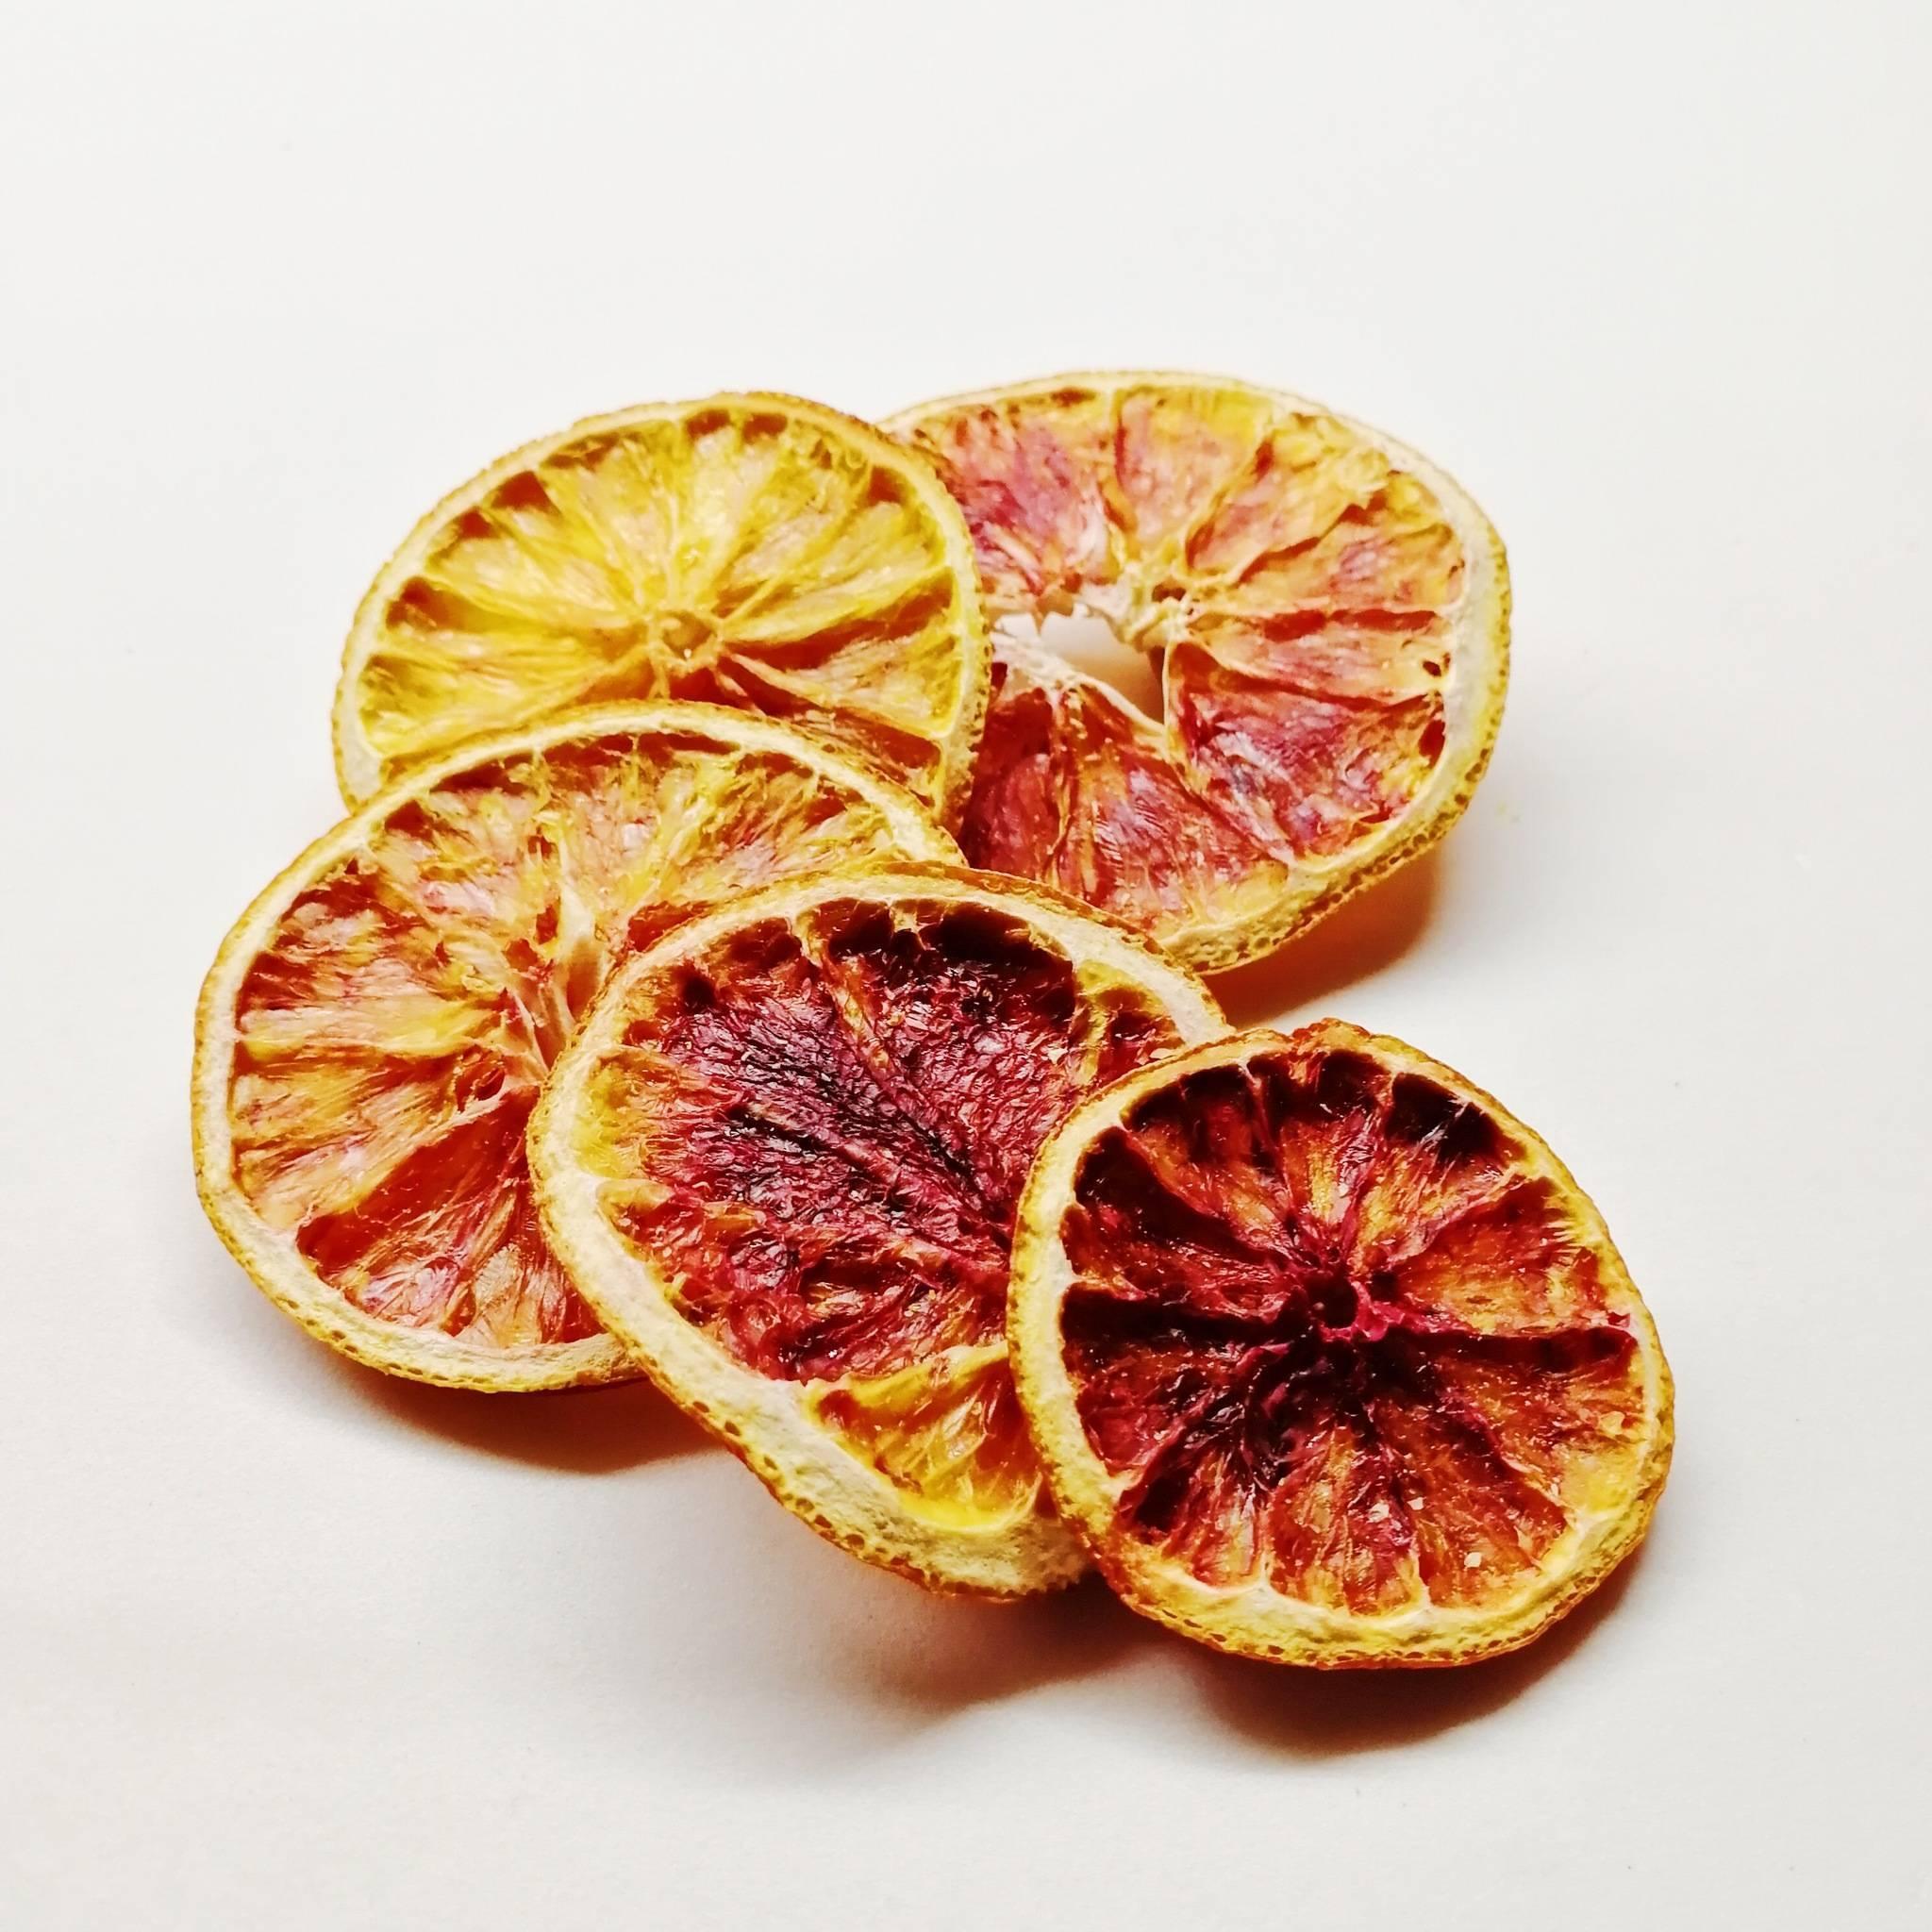 Сицилийский апельсин: фото растения с красными кровавыми плодами, уход, полезные свойства